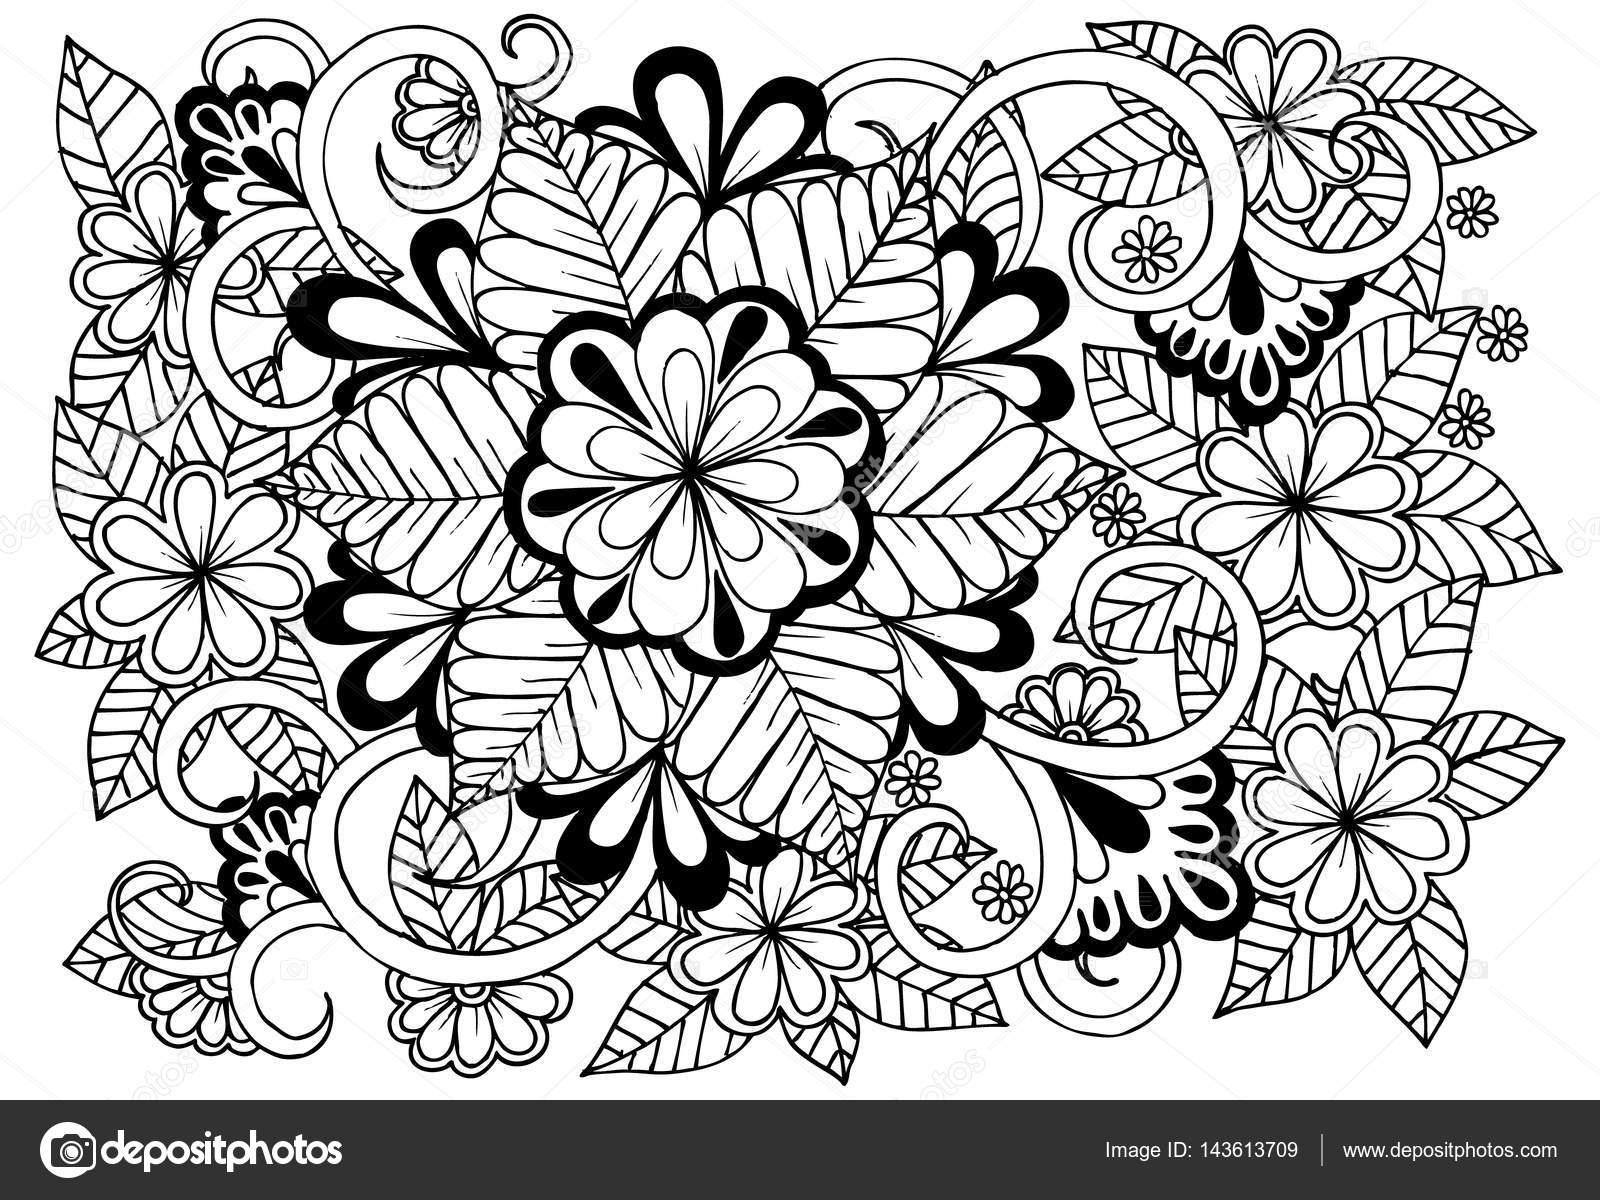 Doodle Cicek Desenli Siyah Ve Beyaz Boyama Kitabi Sayfasi Stok